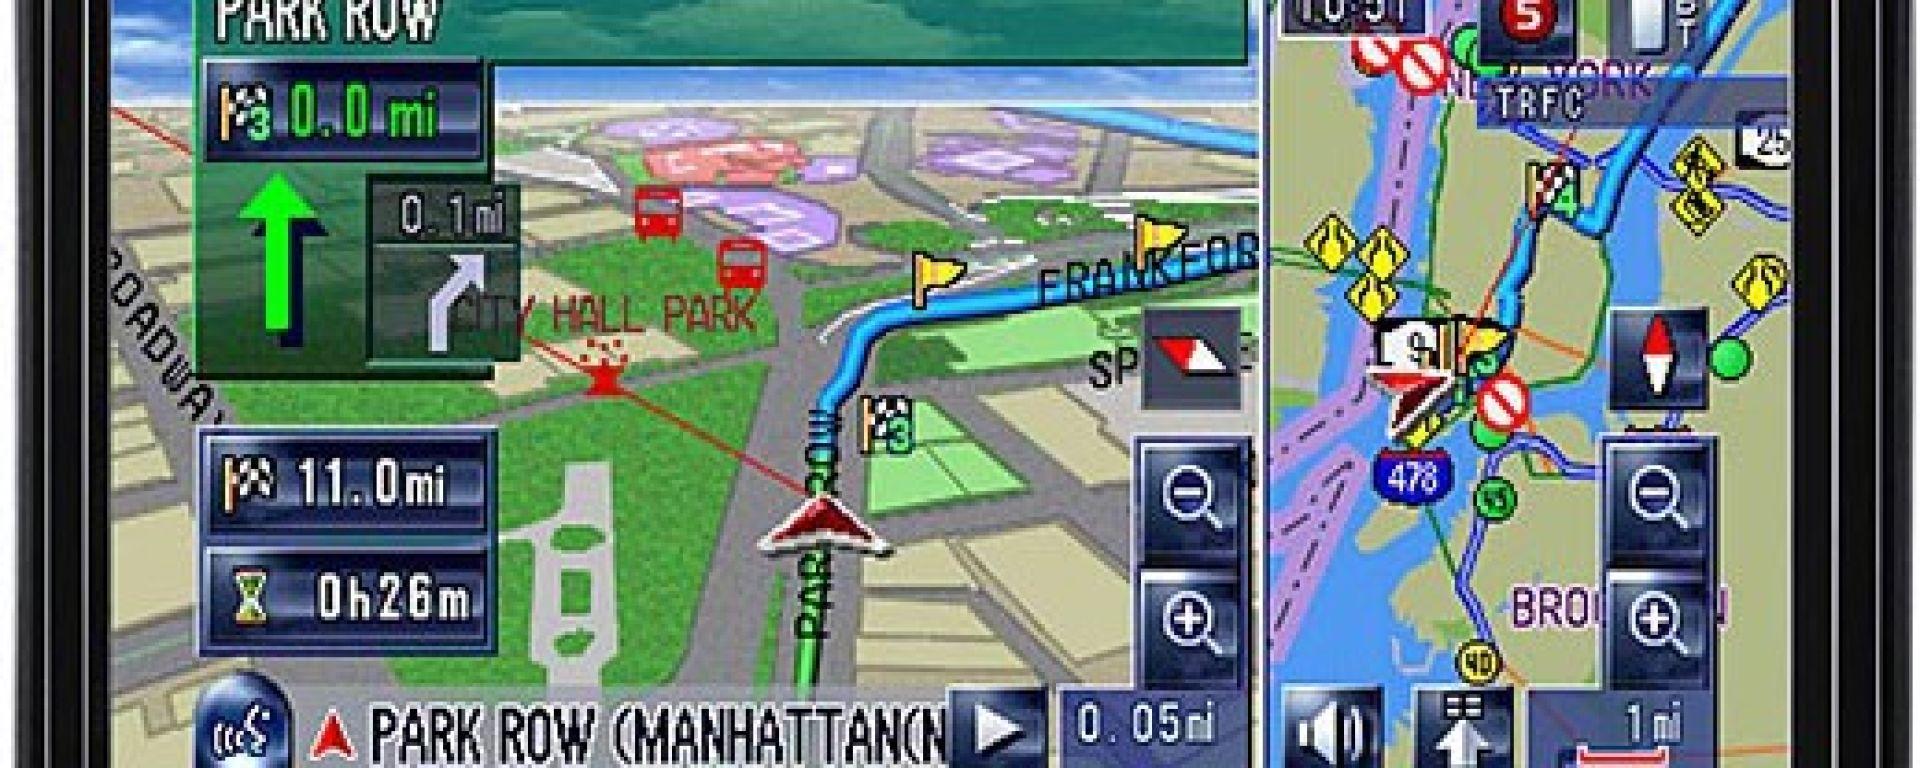 NAVIGATORI: dalla mappa alla realtà virtuale